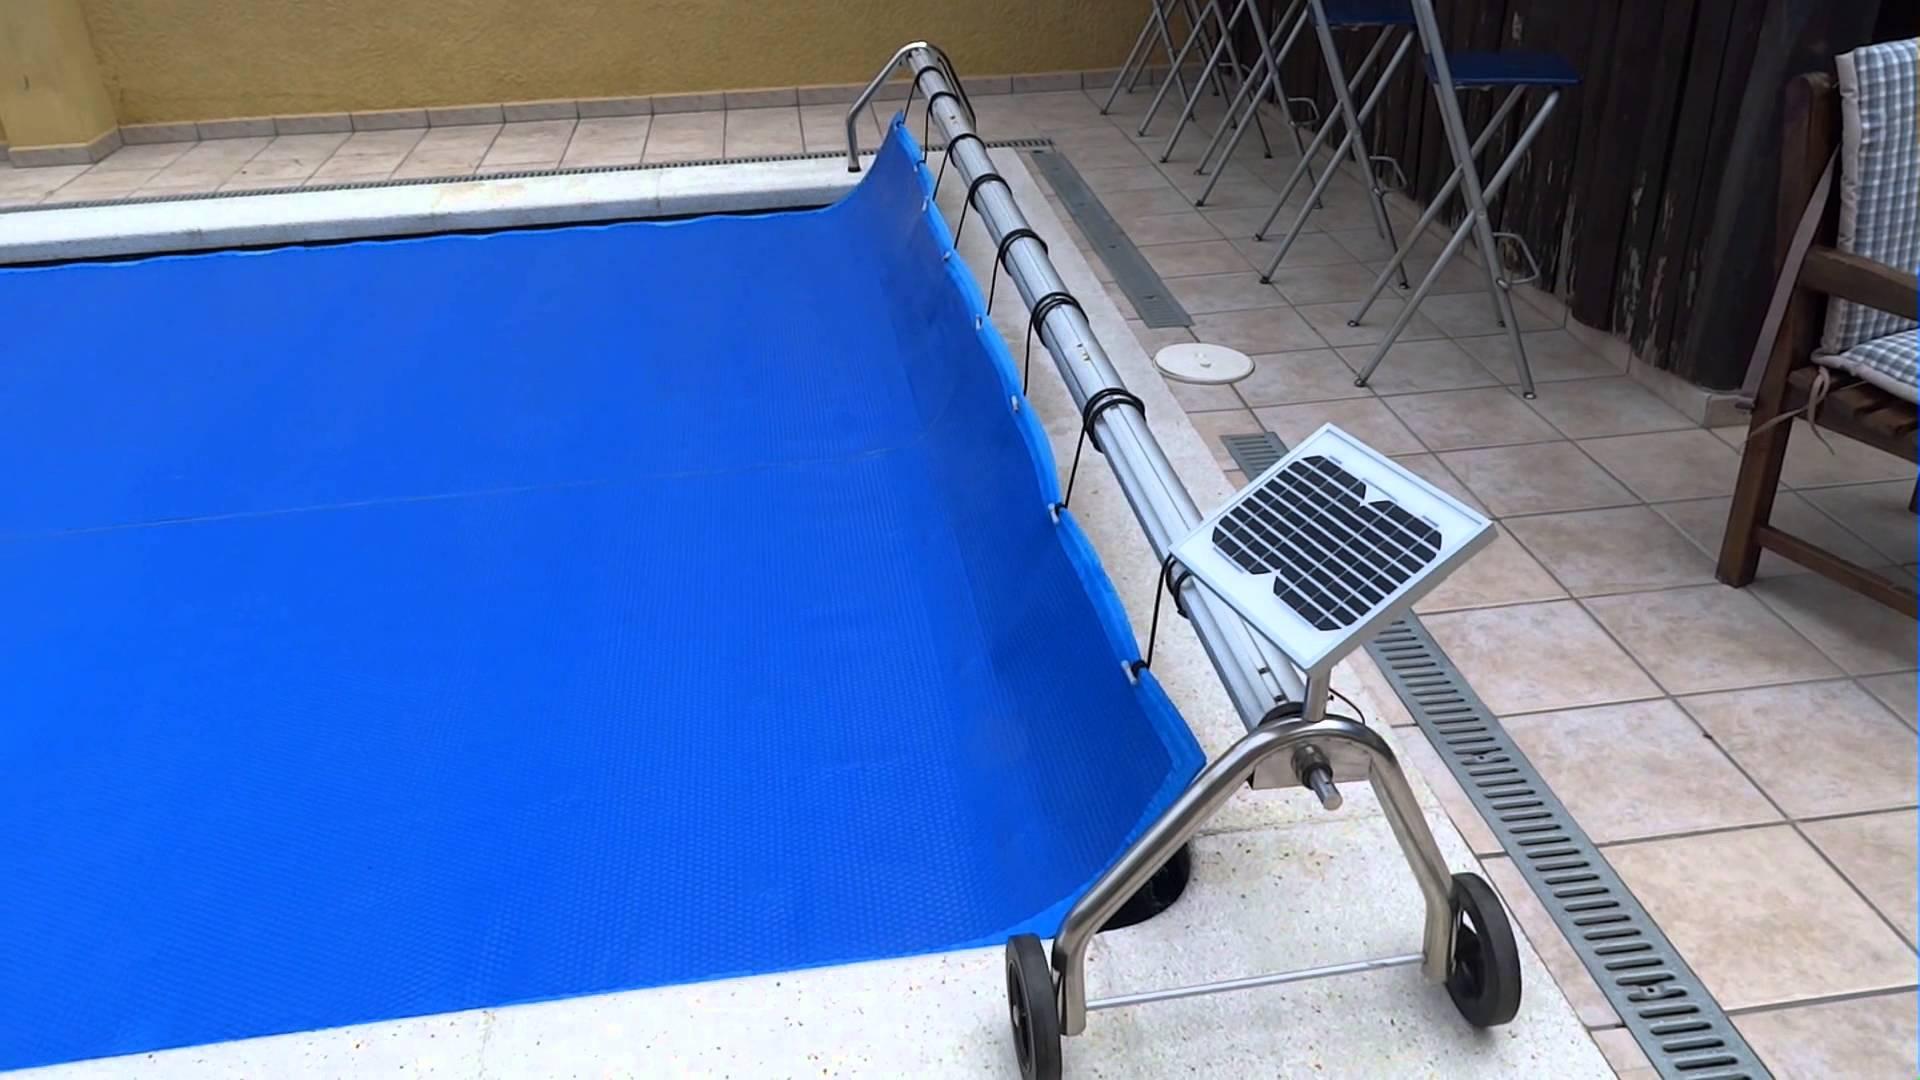 Mantas termicas de piscina para la preservaci n piscinas athena - Mantas termicas para piscinas ...